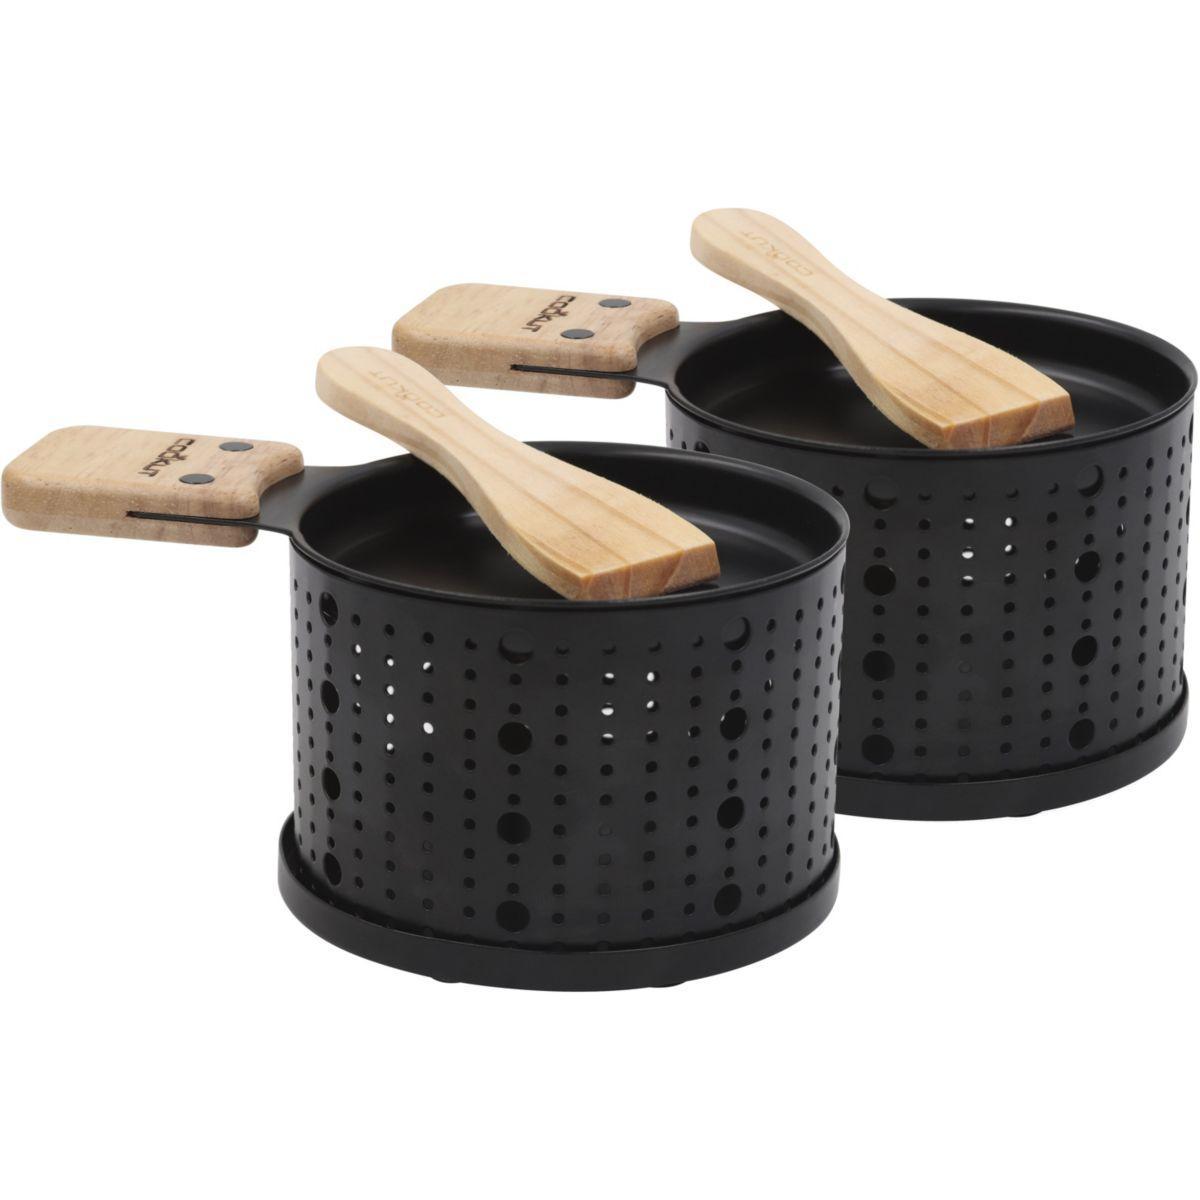 Raclette cookut raclette � la bougie 2 personnes lumi - livraison offerte : code liv